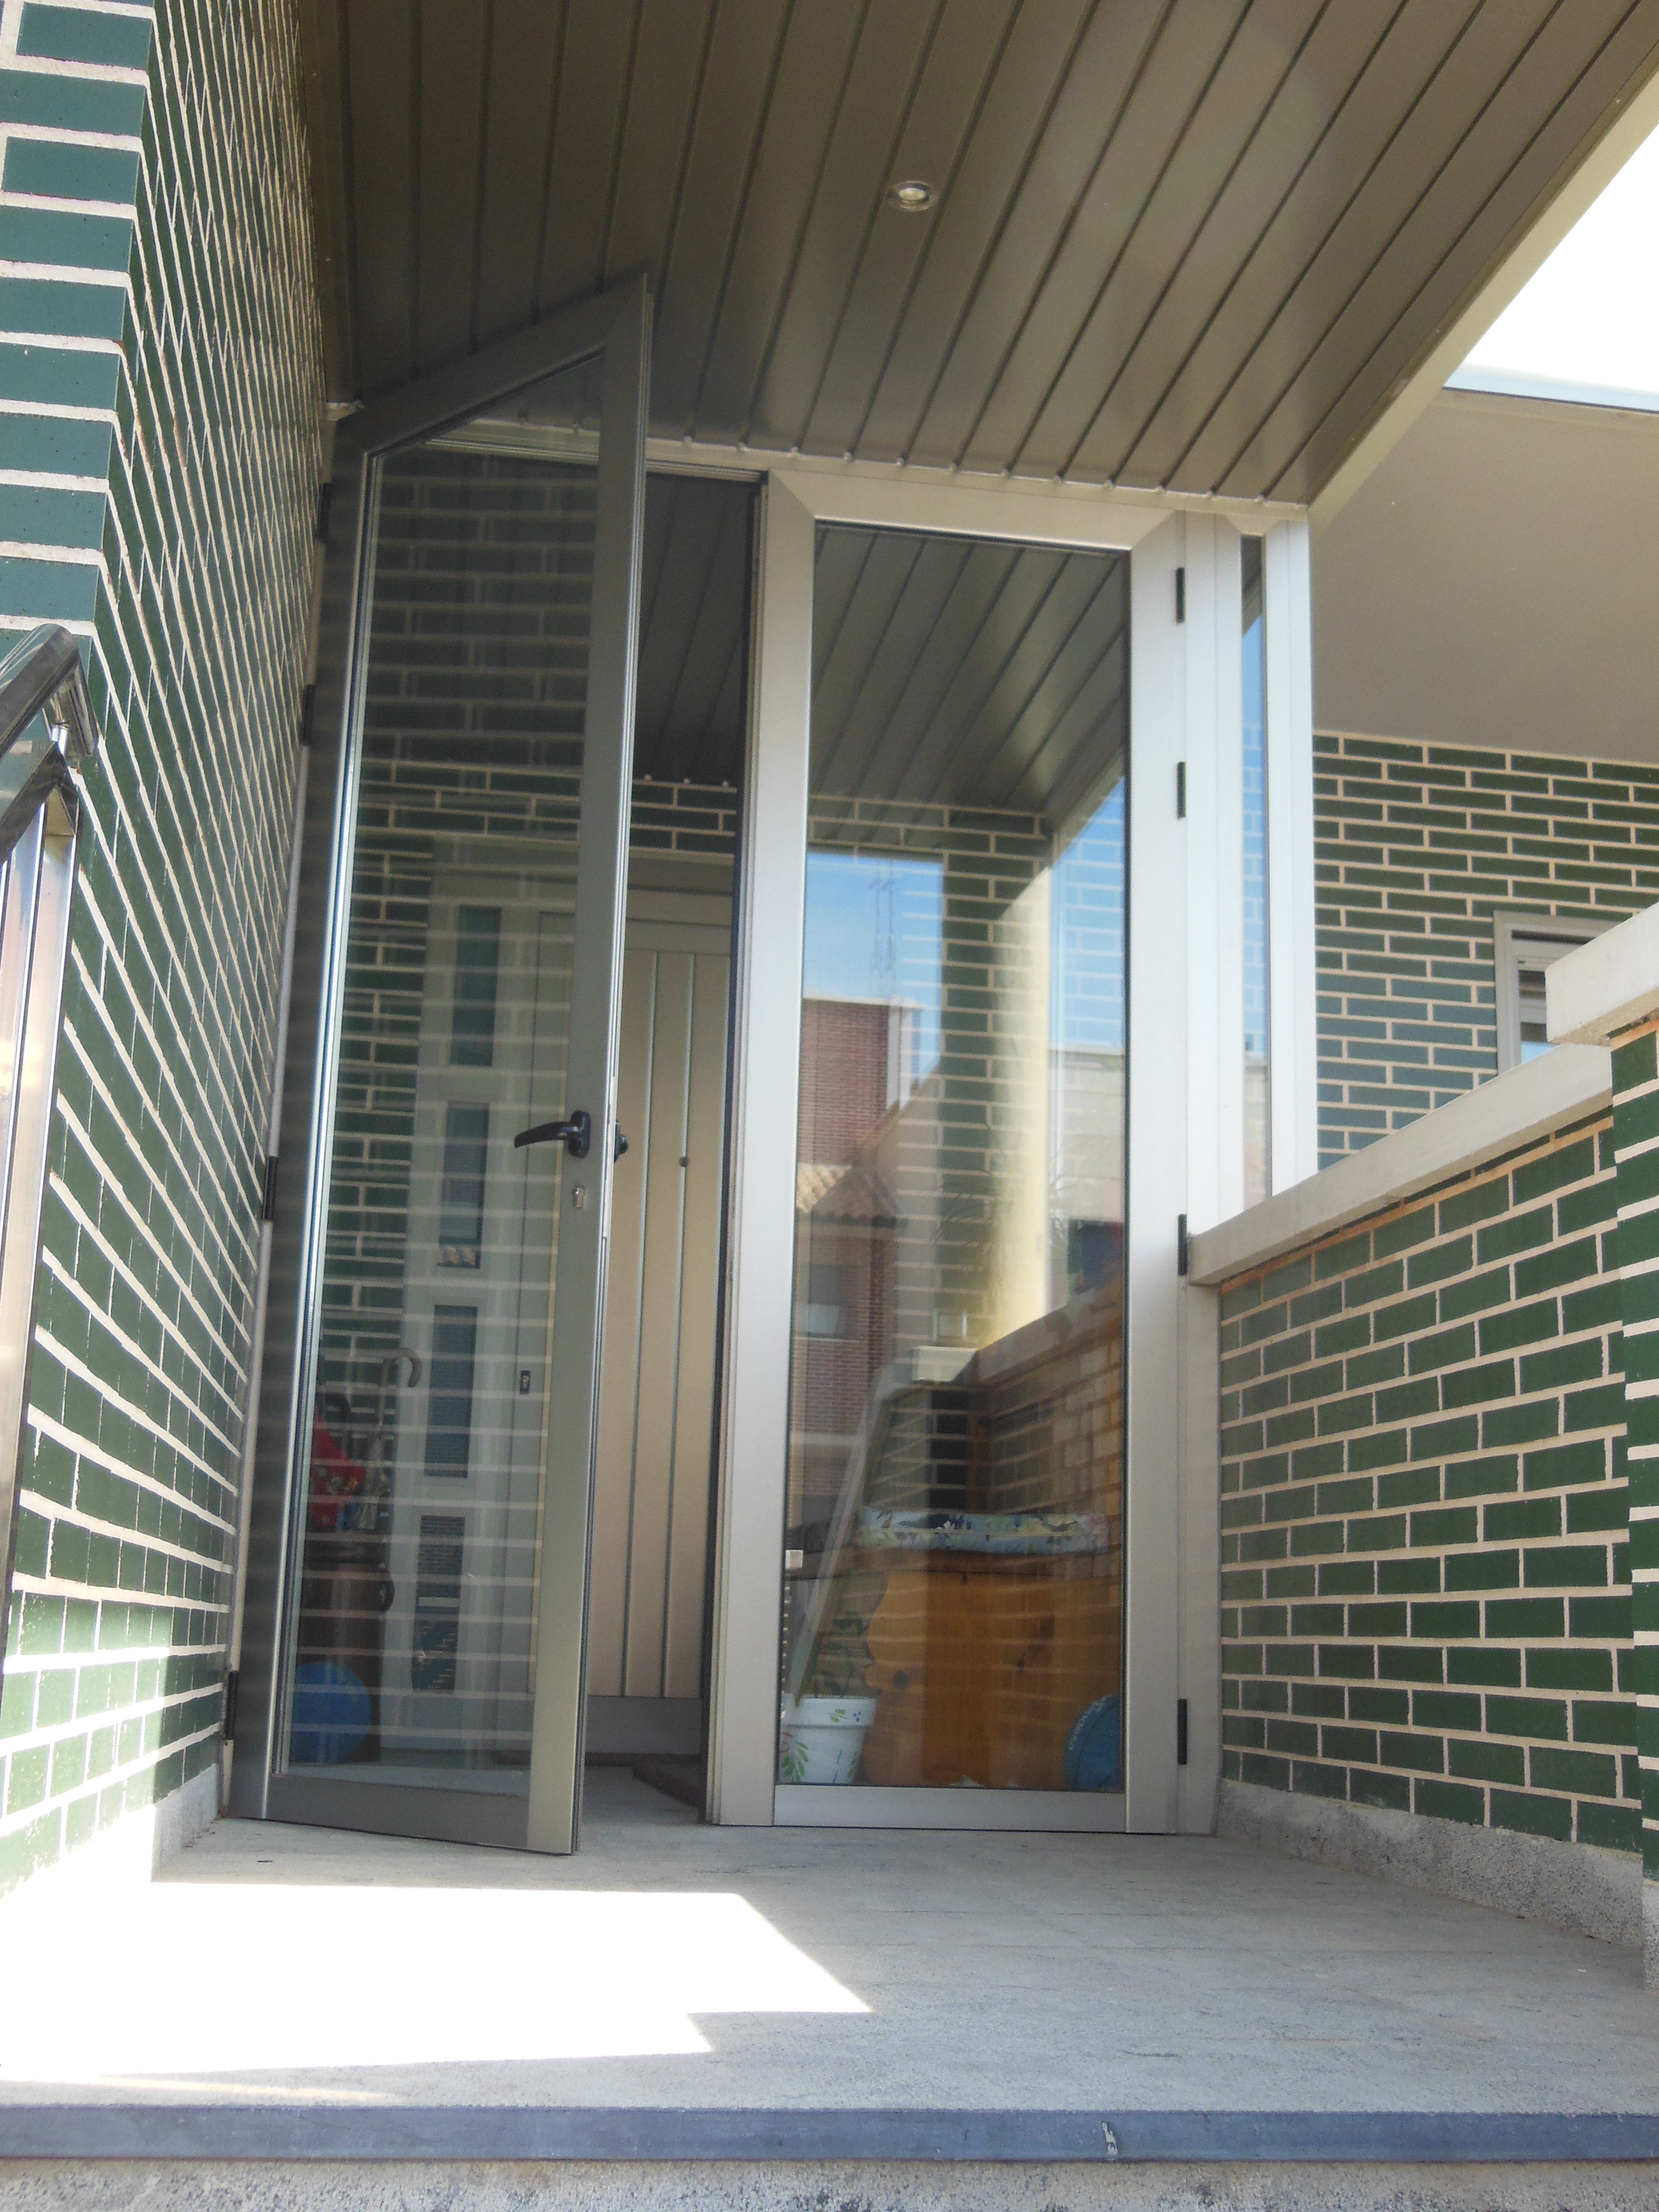 Cerramiento de aluminio en la puerta de entrada montajes for Cerramiento vidrio